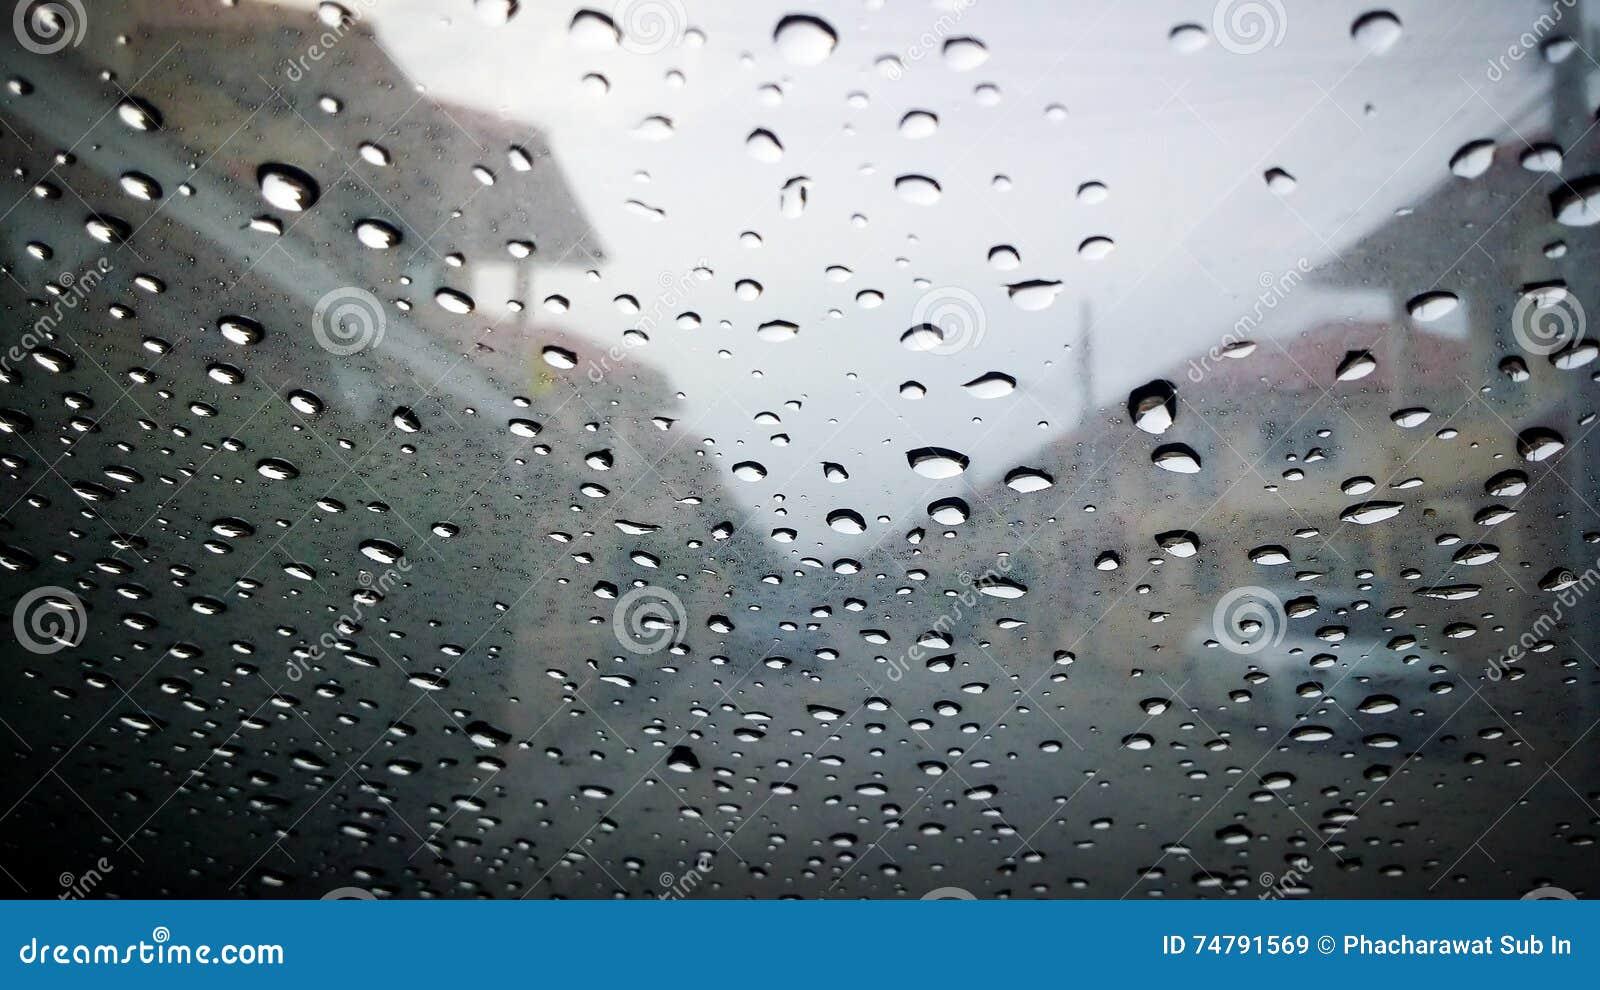 the blurred of water rain drop on car window